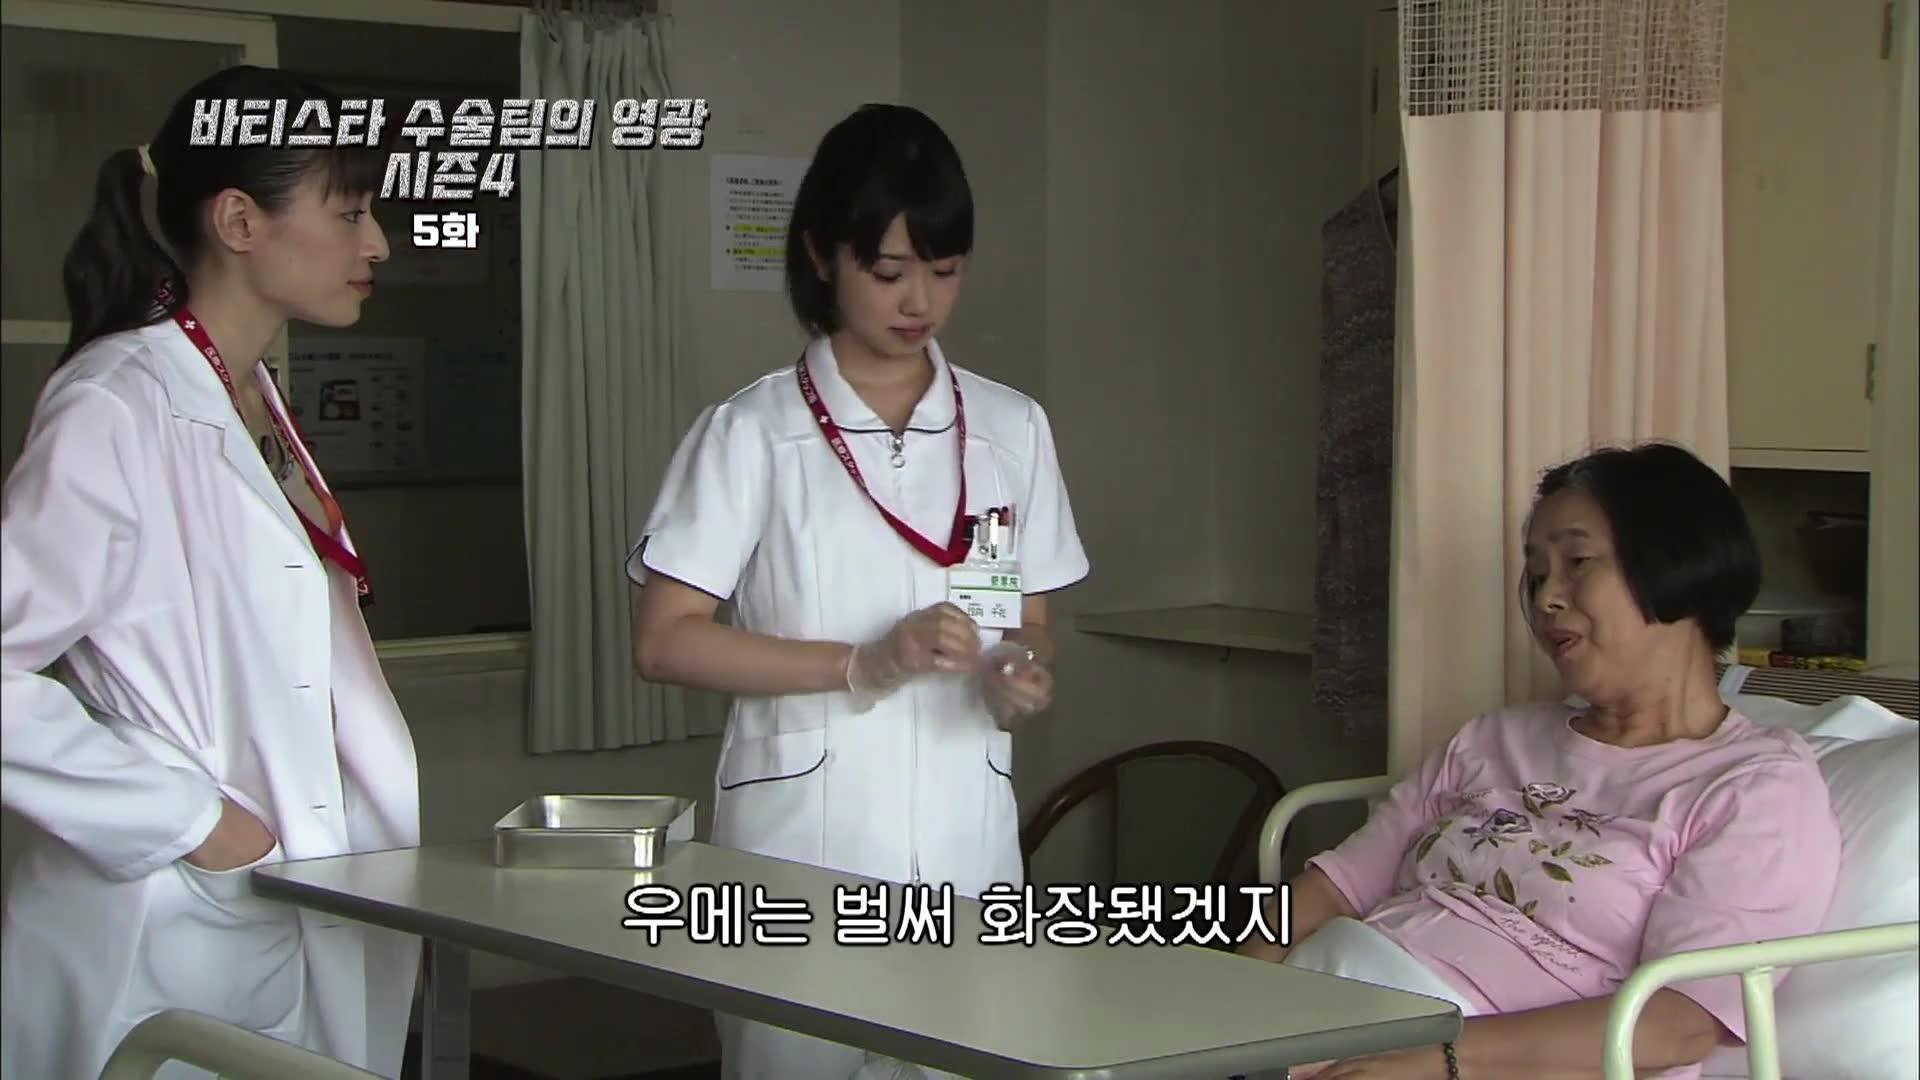 5화 밝혀진 부검 실수